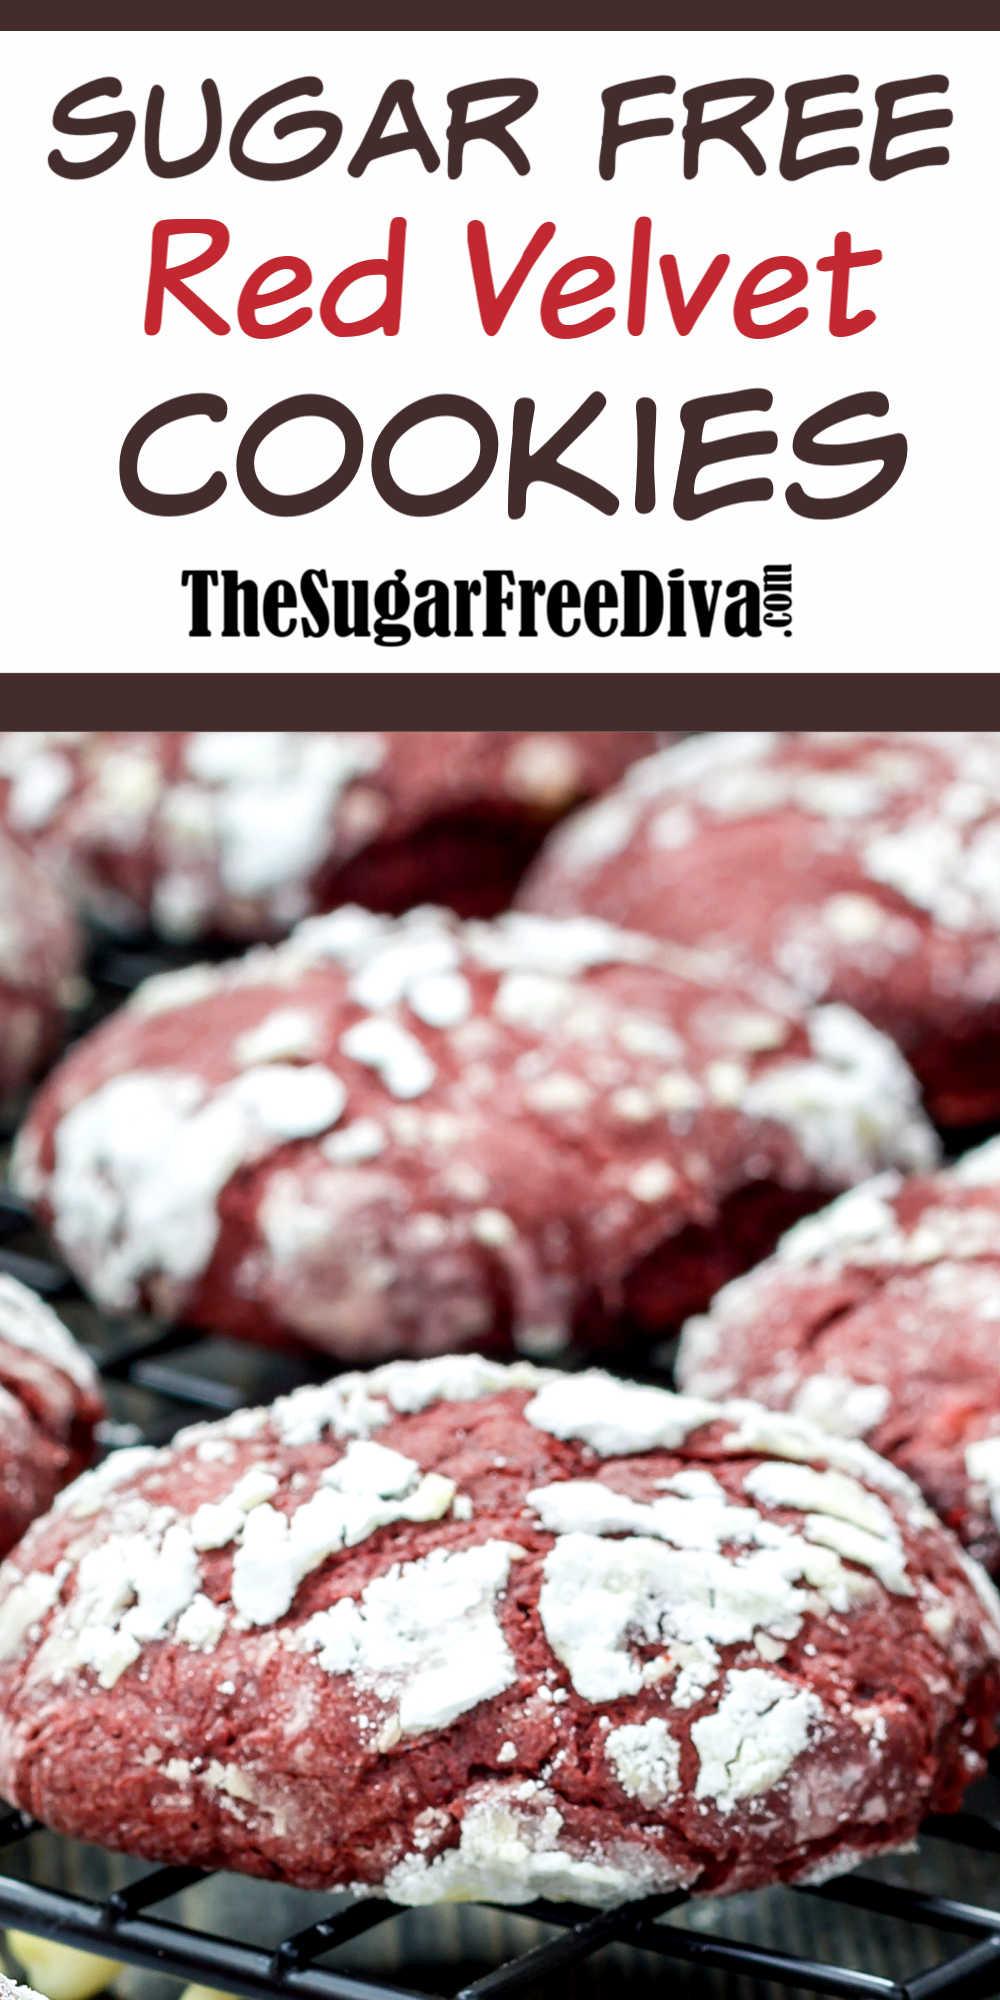 Sugar Free Red Velvet Cookies